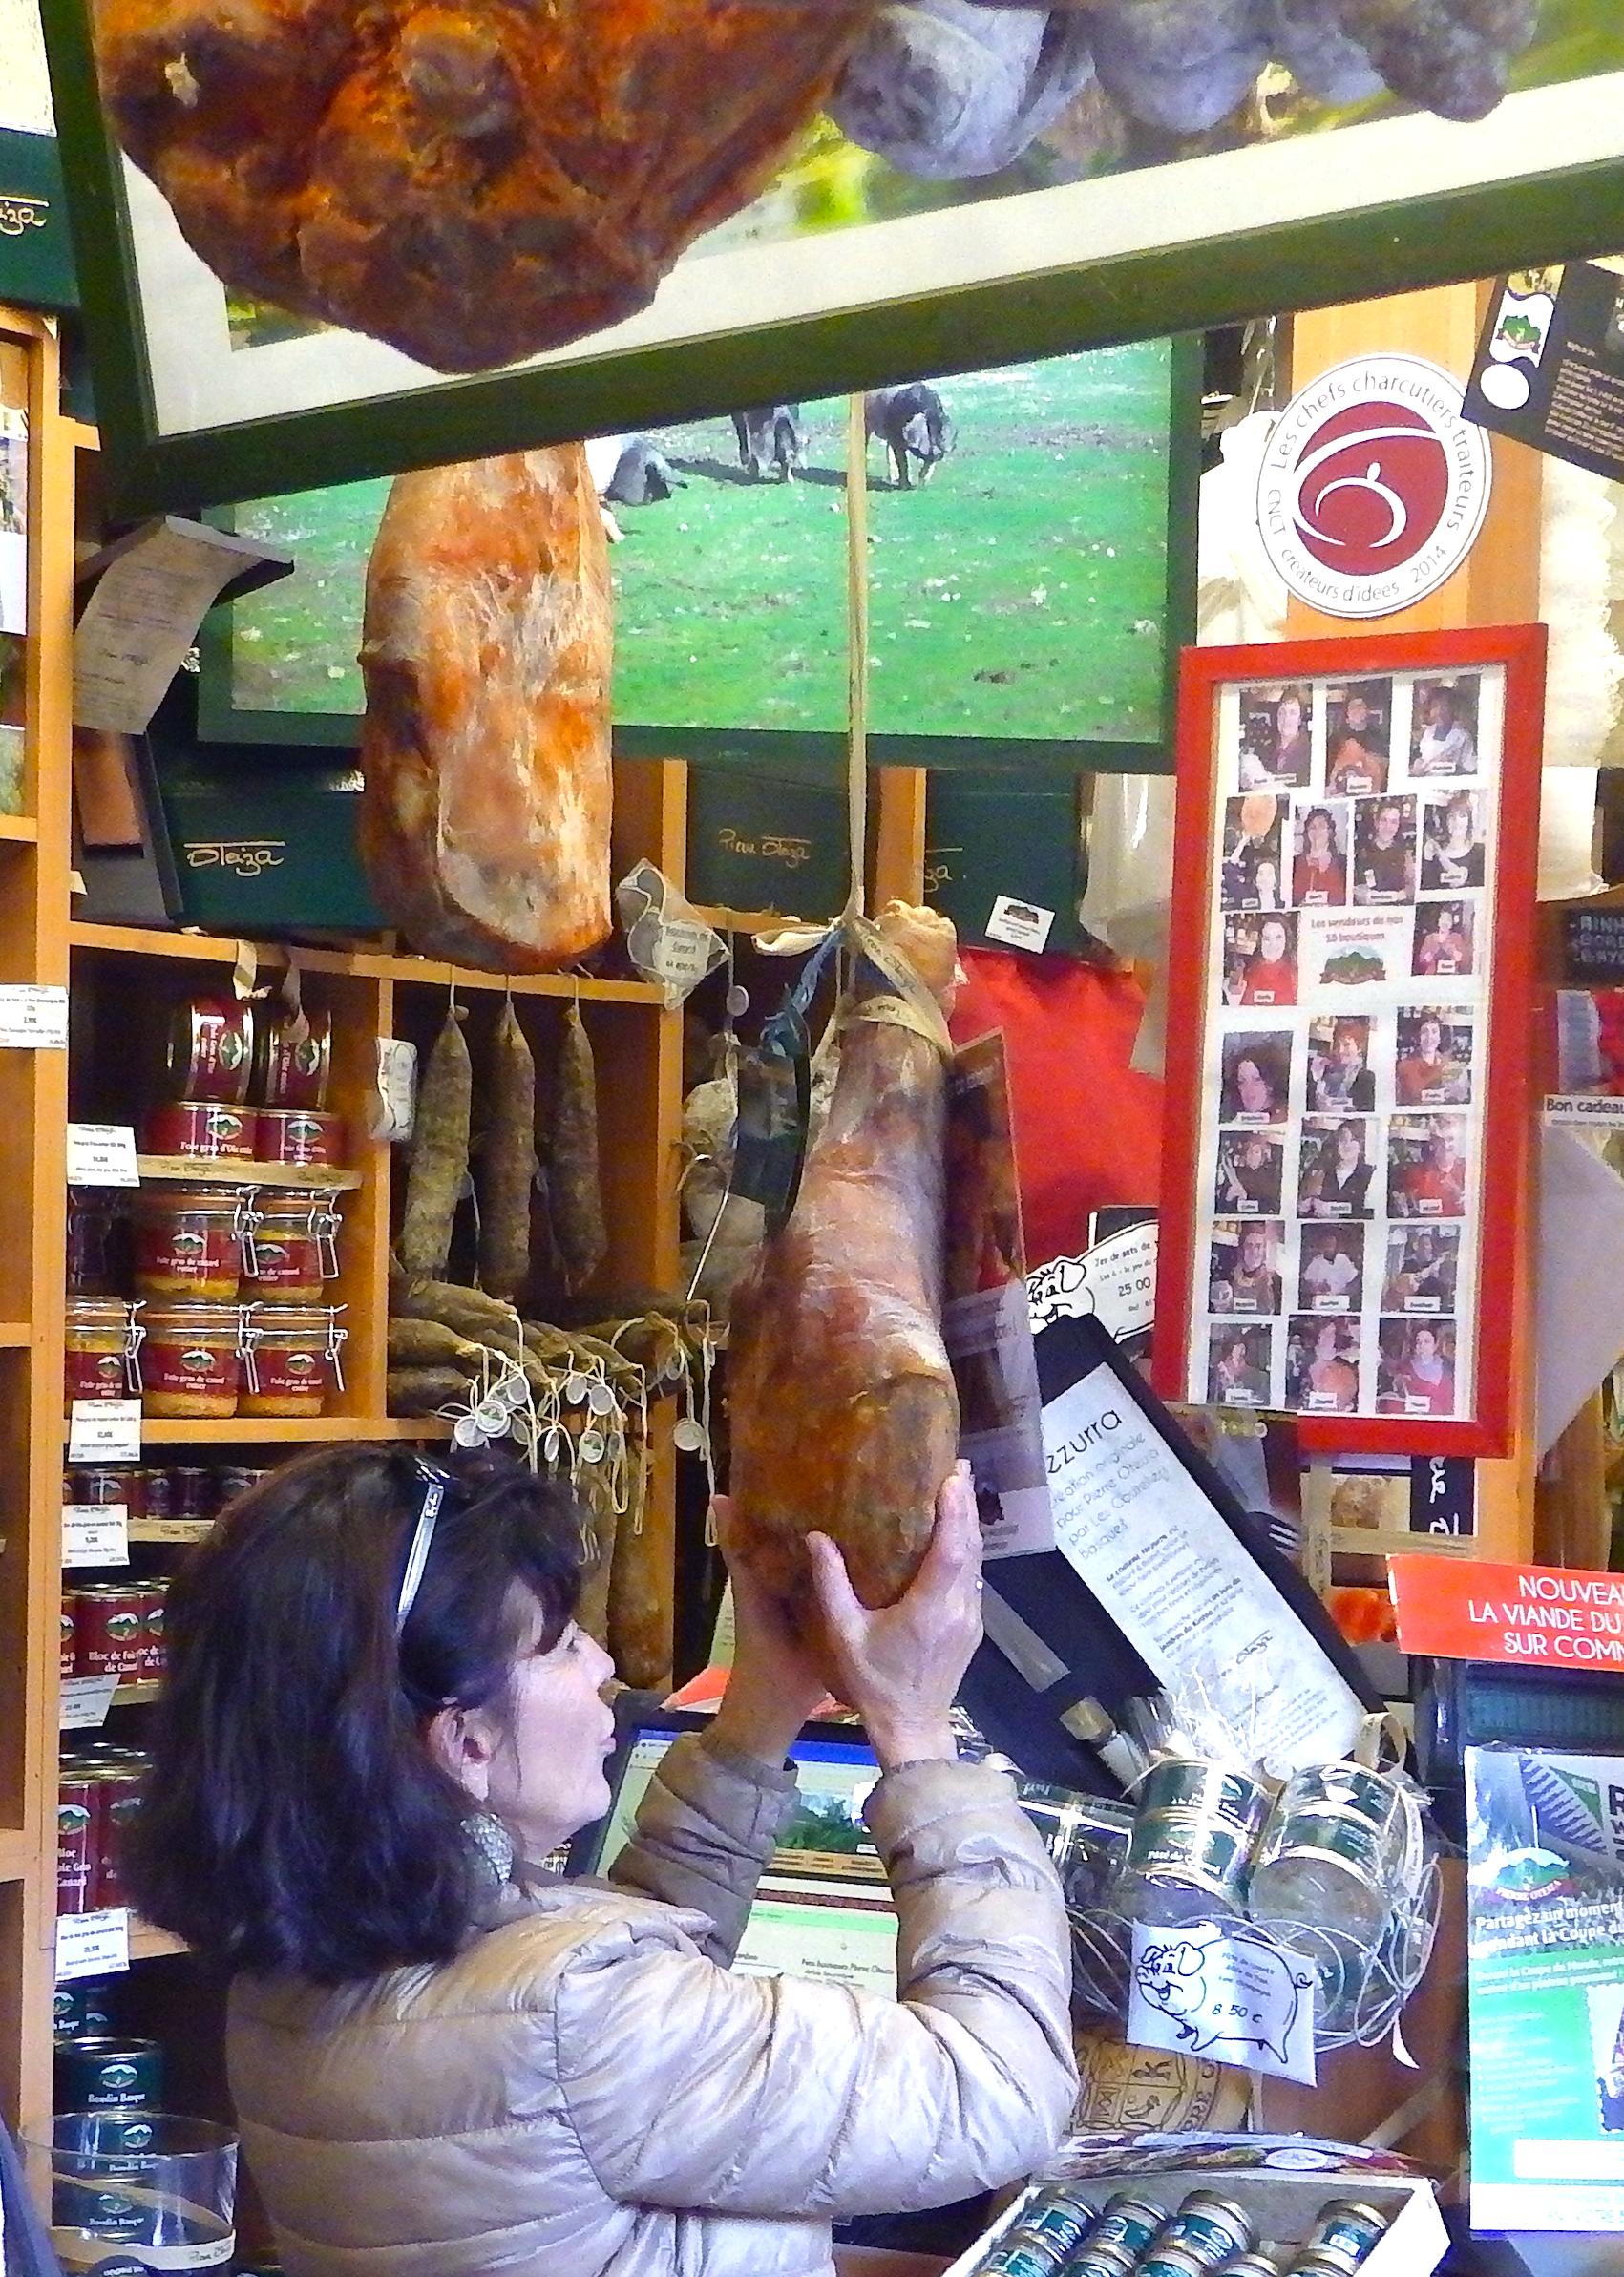 journée-visite-guidée-saint-jean-de-luz-agence-voyage-pays-basque-degustation-charcuterie-pierre-oteiza-25